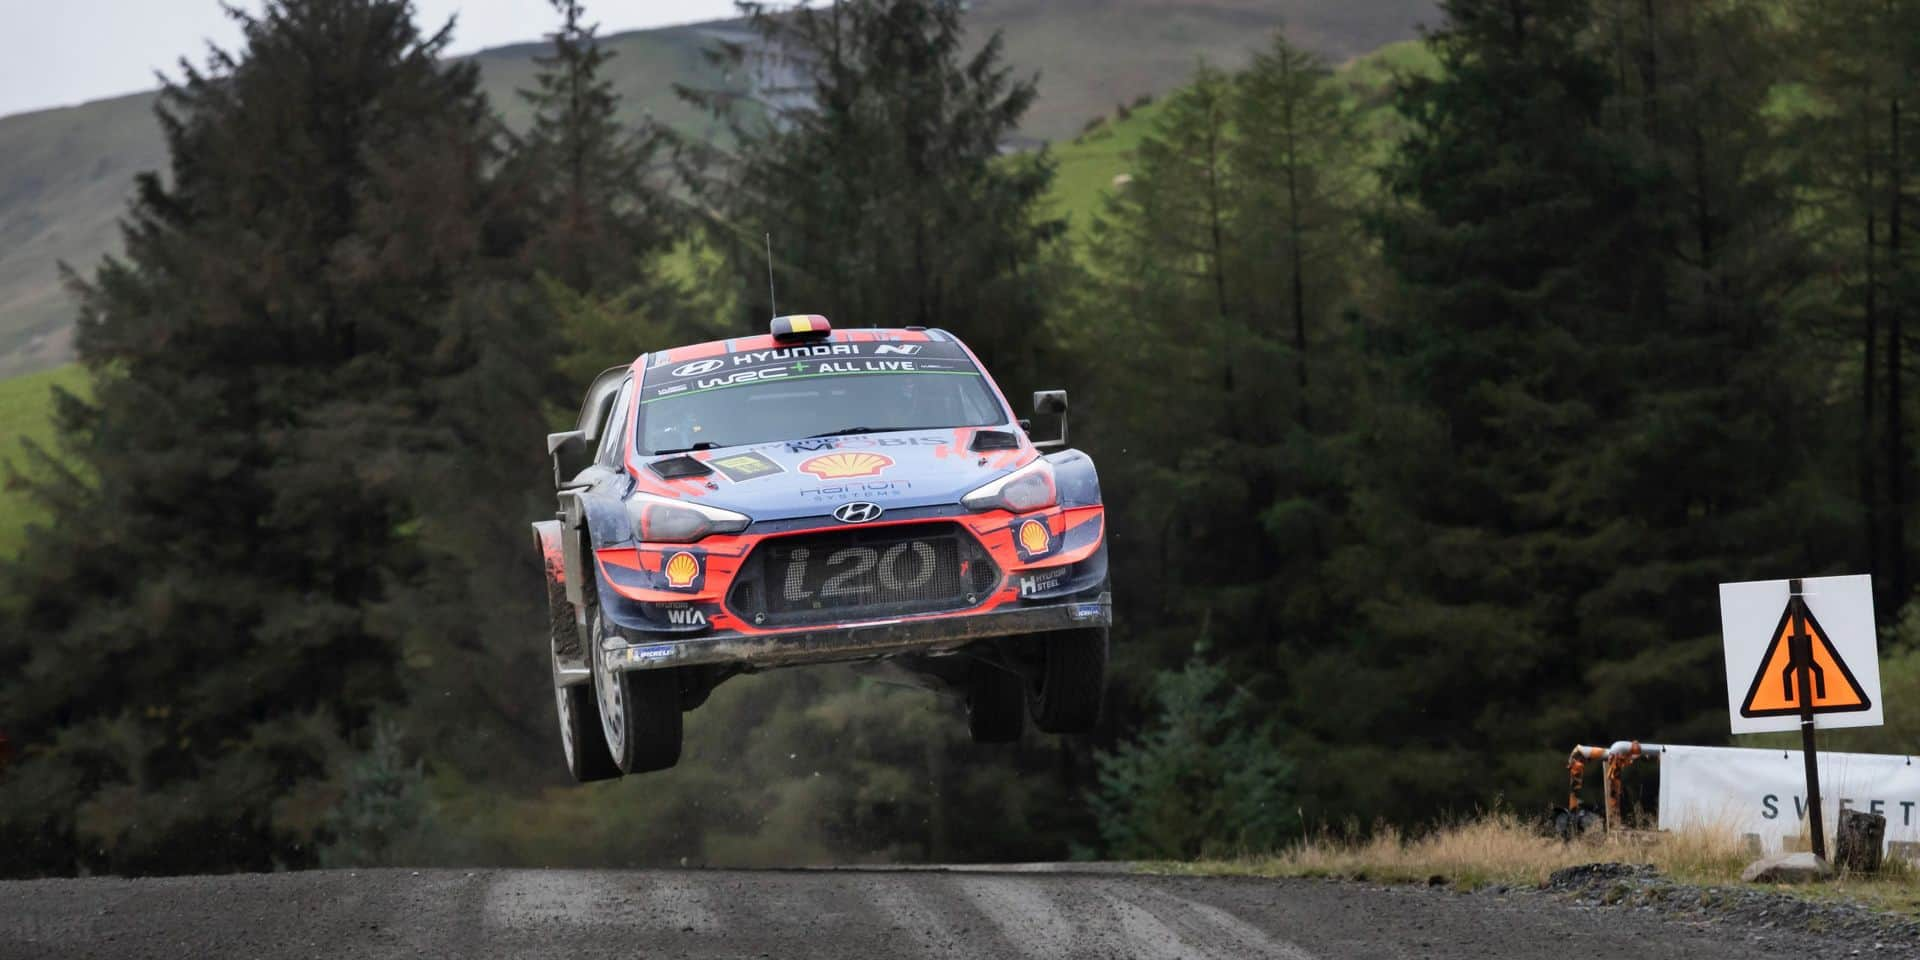 WRC Wales ES14-15-16: Deux scratches pour Neuville qui repasse 2e à 10 secondes de Tanak